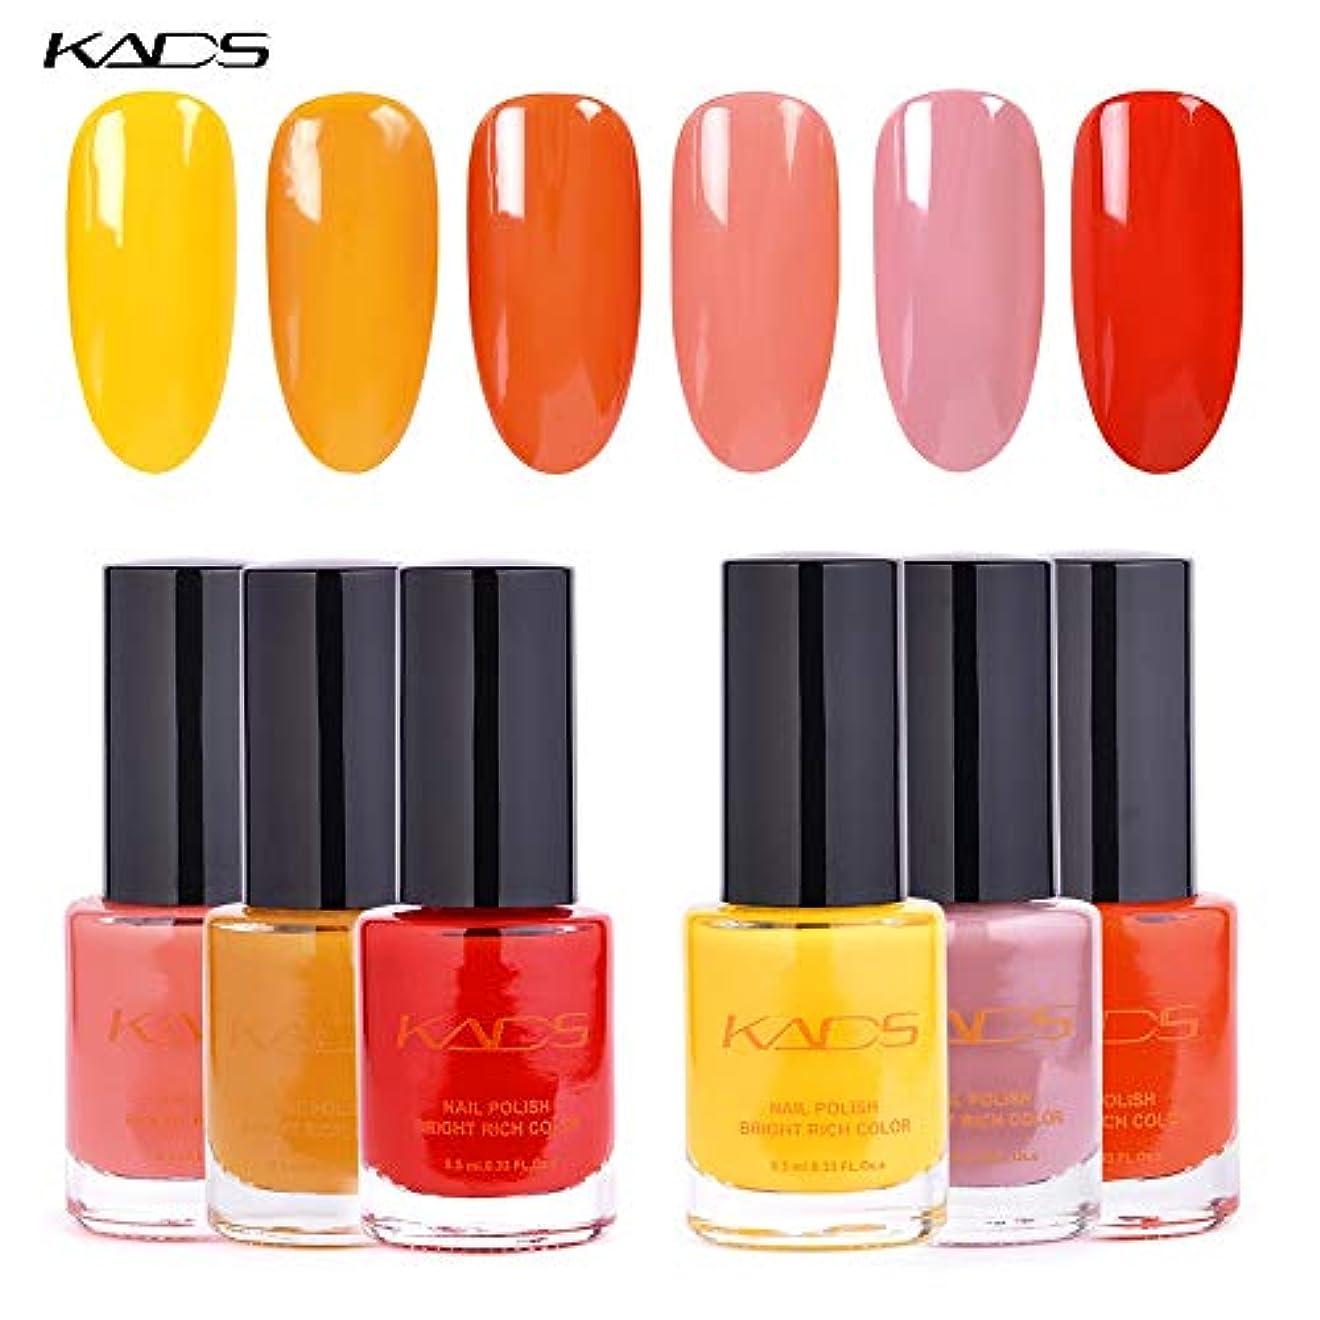 コンペ本当のことを言うとカーテンKADS ネイルポリッシュ ゼリーシリーズ ピンク/オレンジ/イエロー 6色入り 9.5ML 艶長持ち マニキュアセット